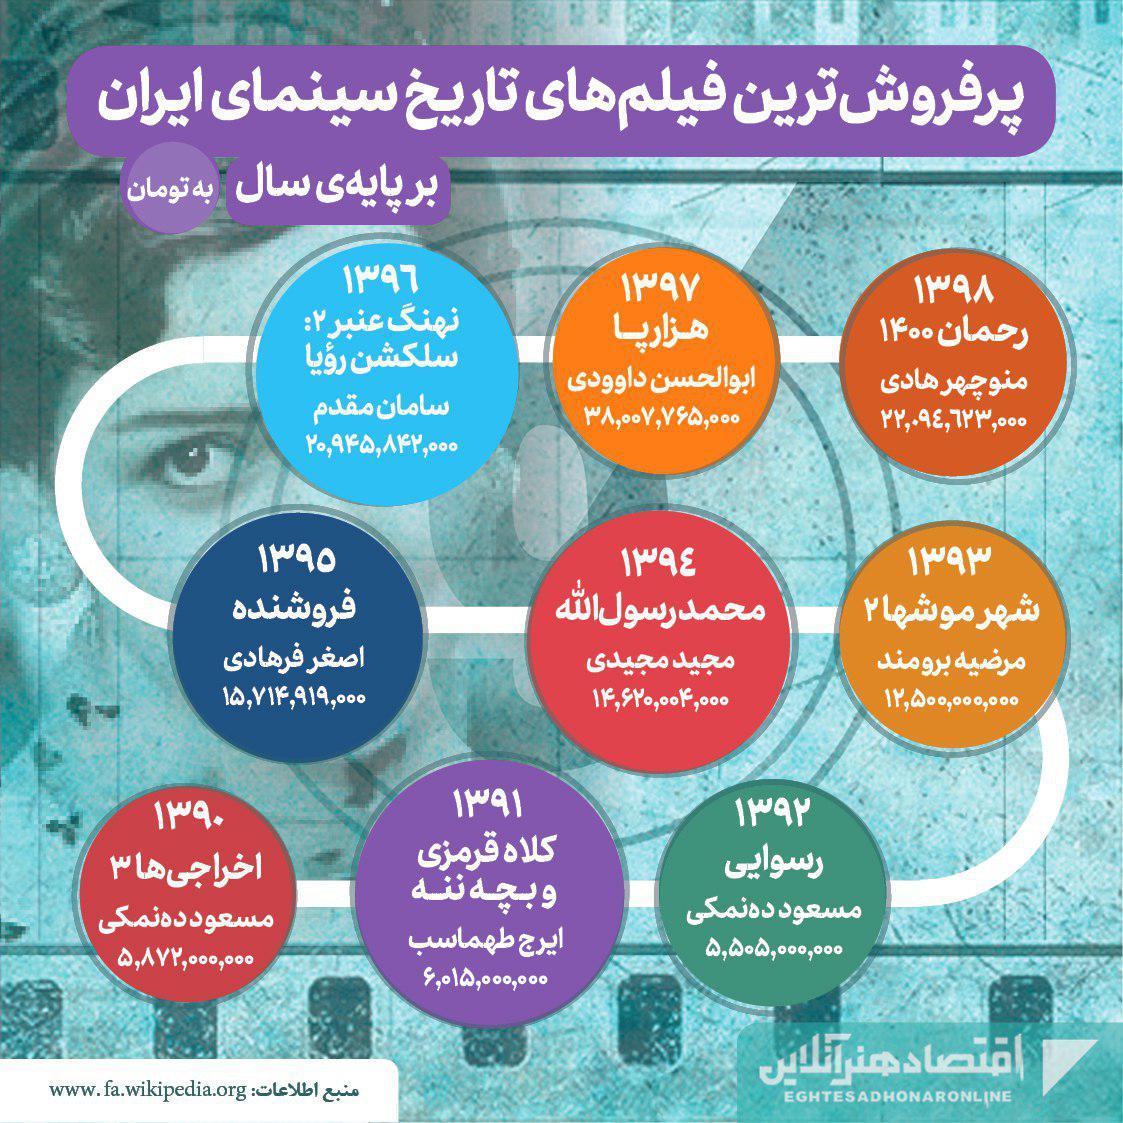 پرفروشترین فیلمهای تاریخ سینمای ایران01